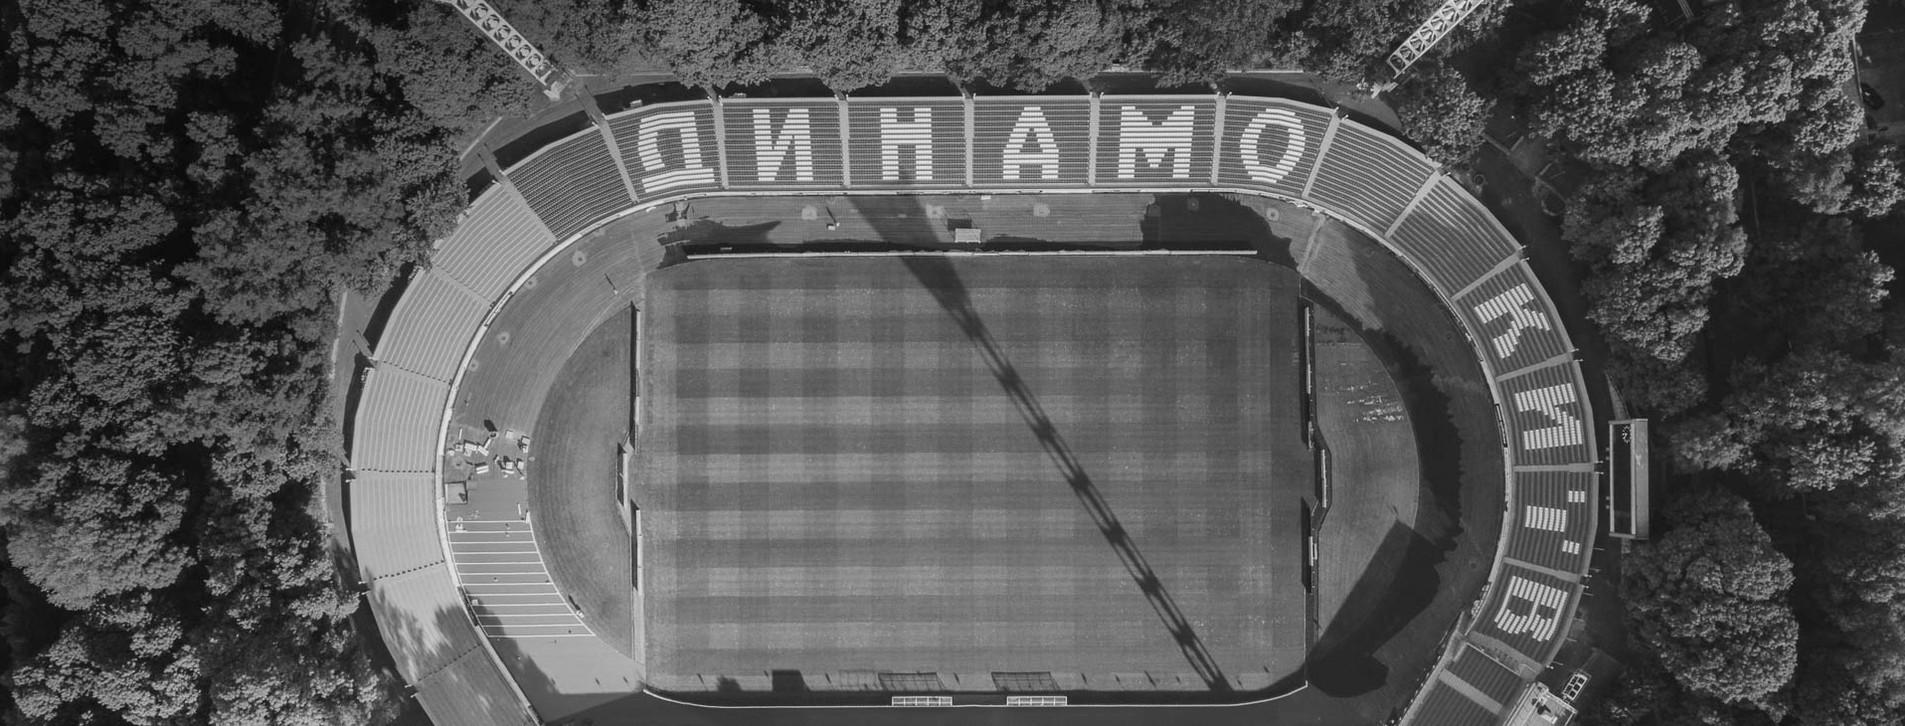 Фото - Экскурсия на стадион «Динамо»